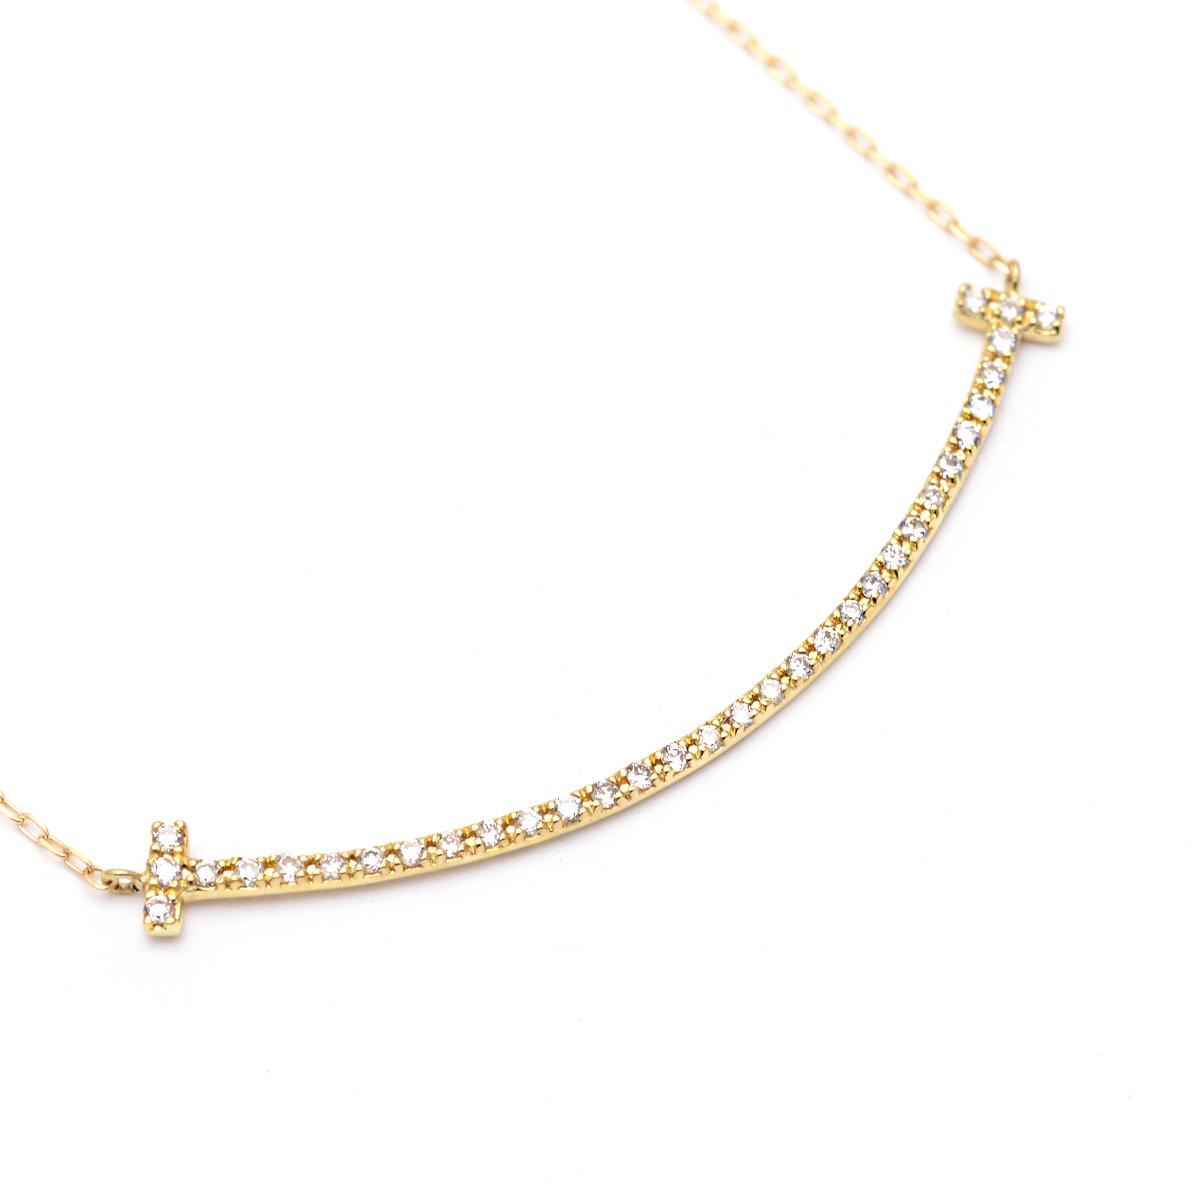 k18ネックレス ハワイアンジュエリー ネックレス K18 ゴールド ダイヤモンド  (Weliana) K18YG ダイヤ バーネックレス 0.13ct/新作